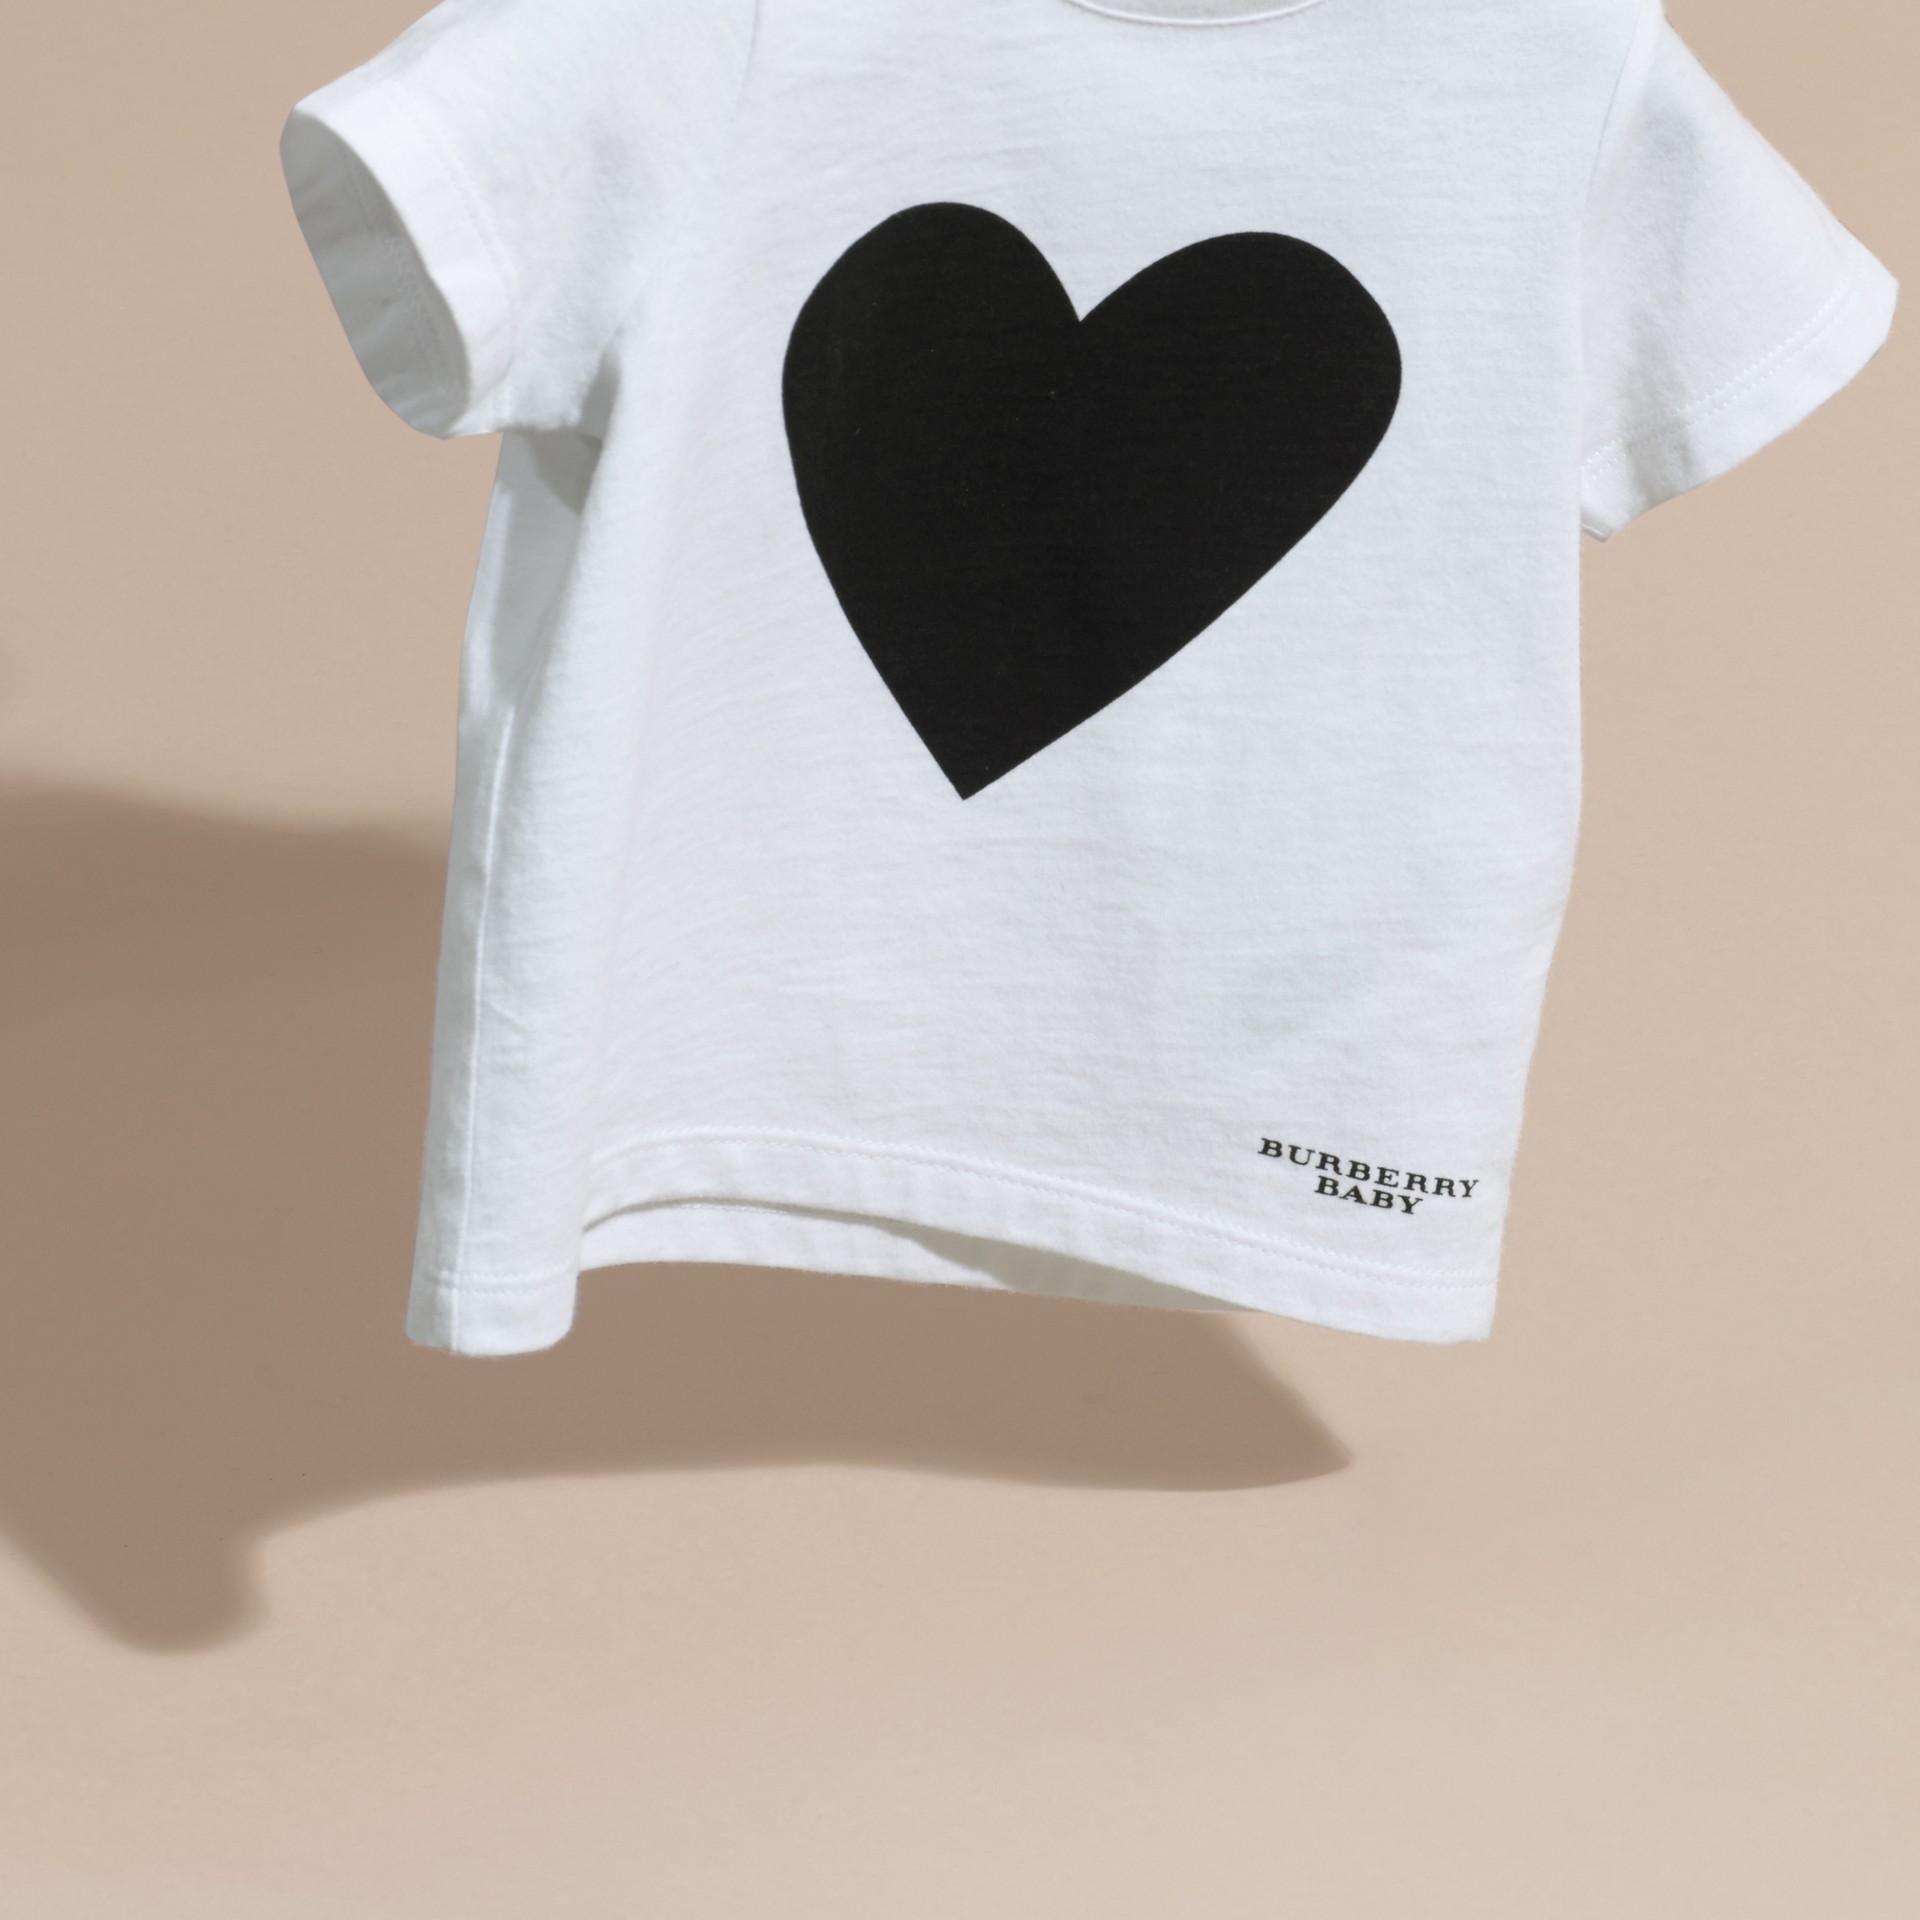 Nero T-shirt in cotone con stampa a cuori Nero - immagine della galleria 3